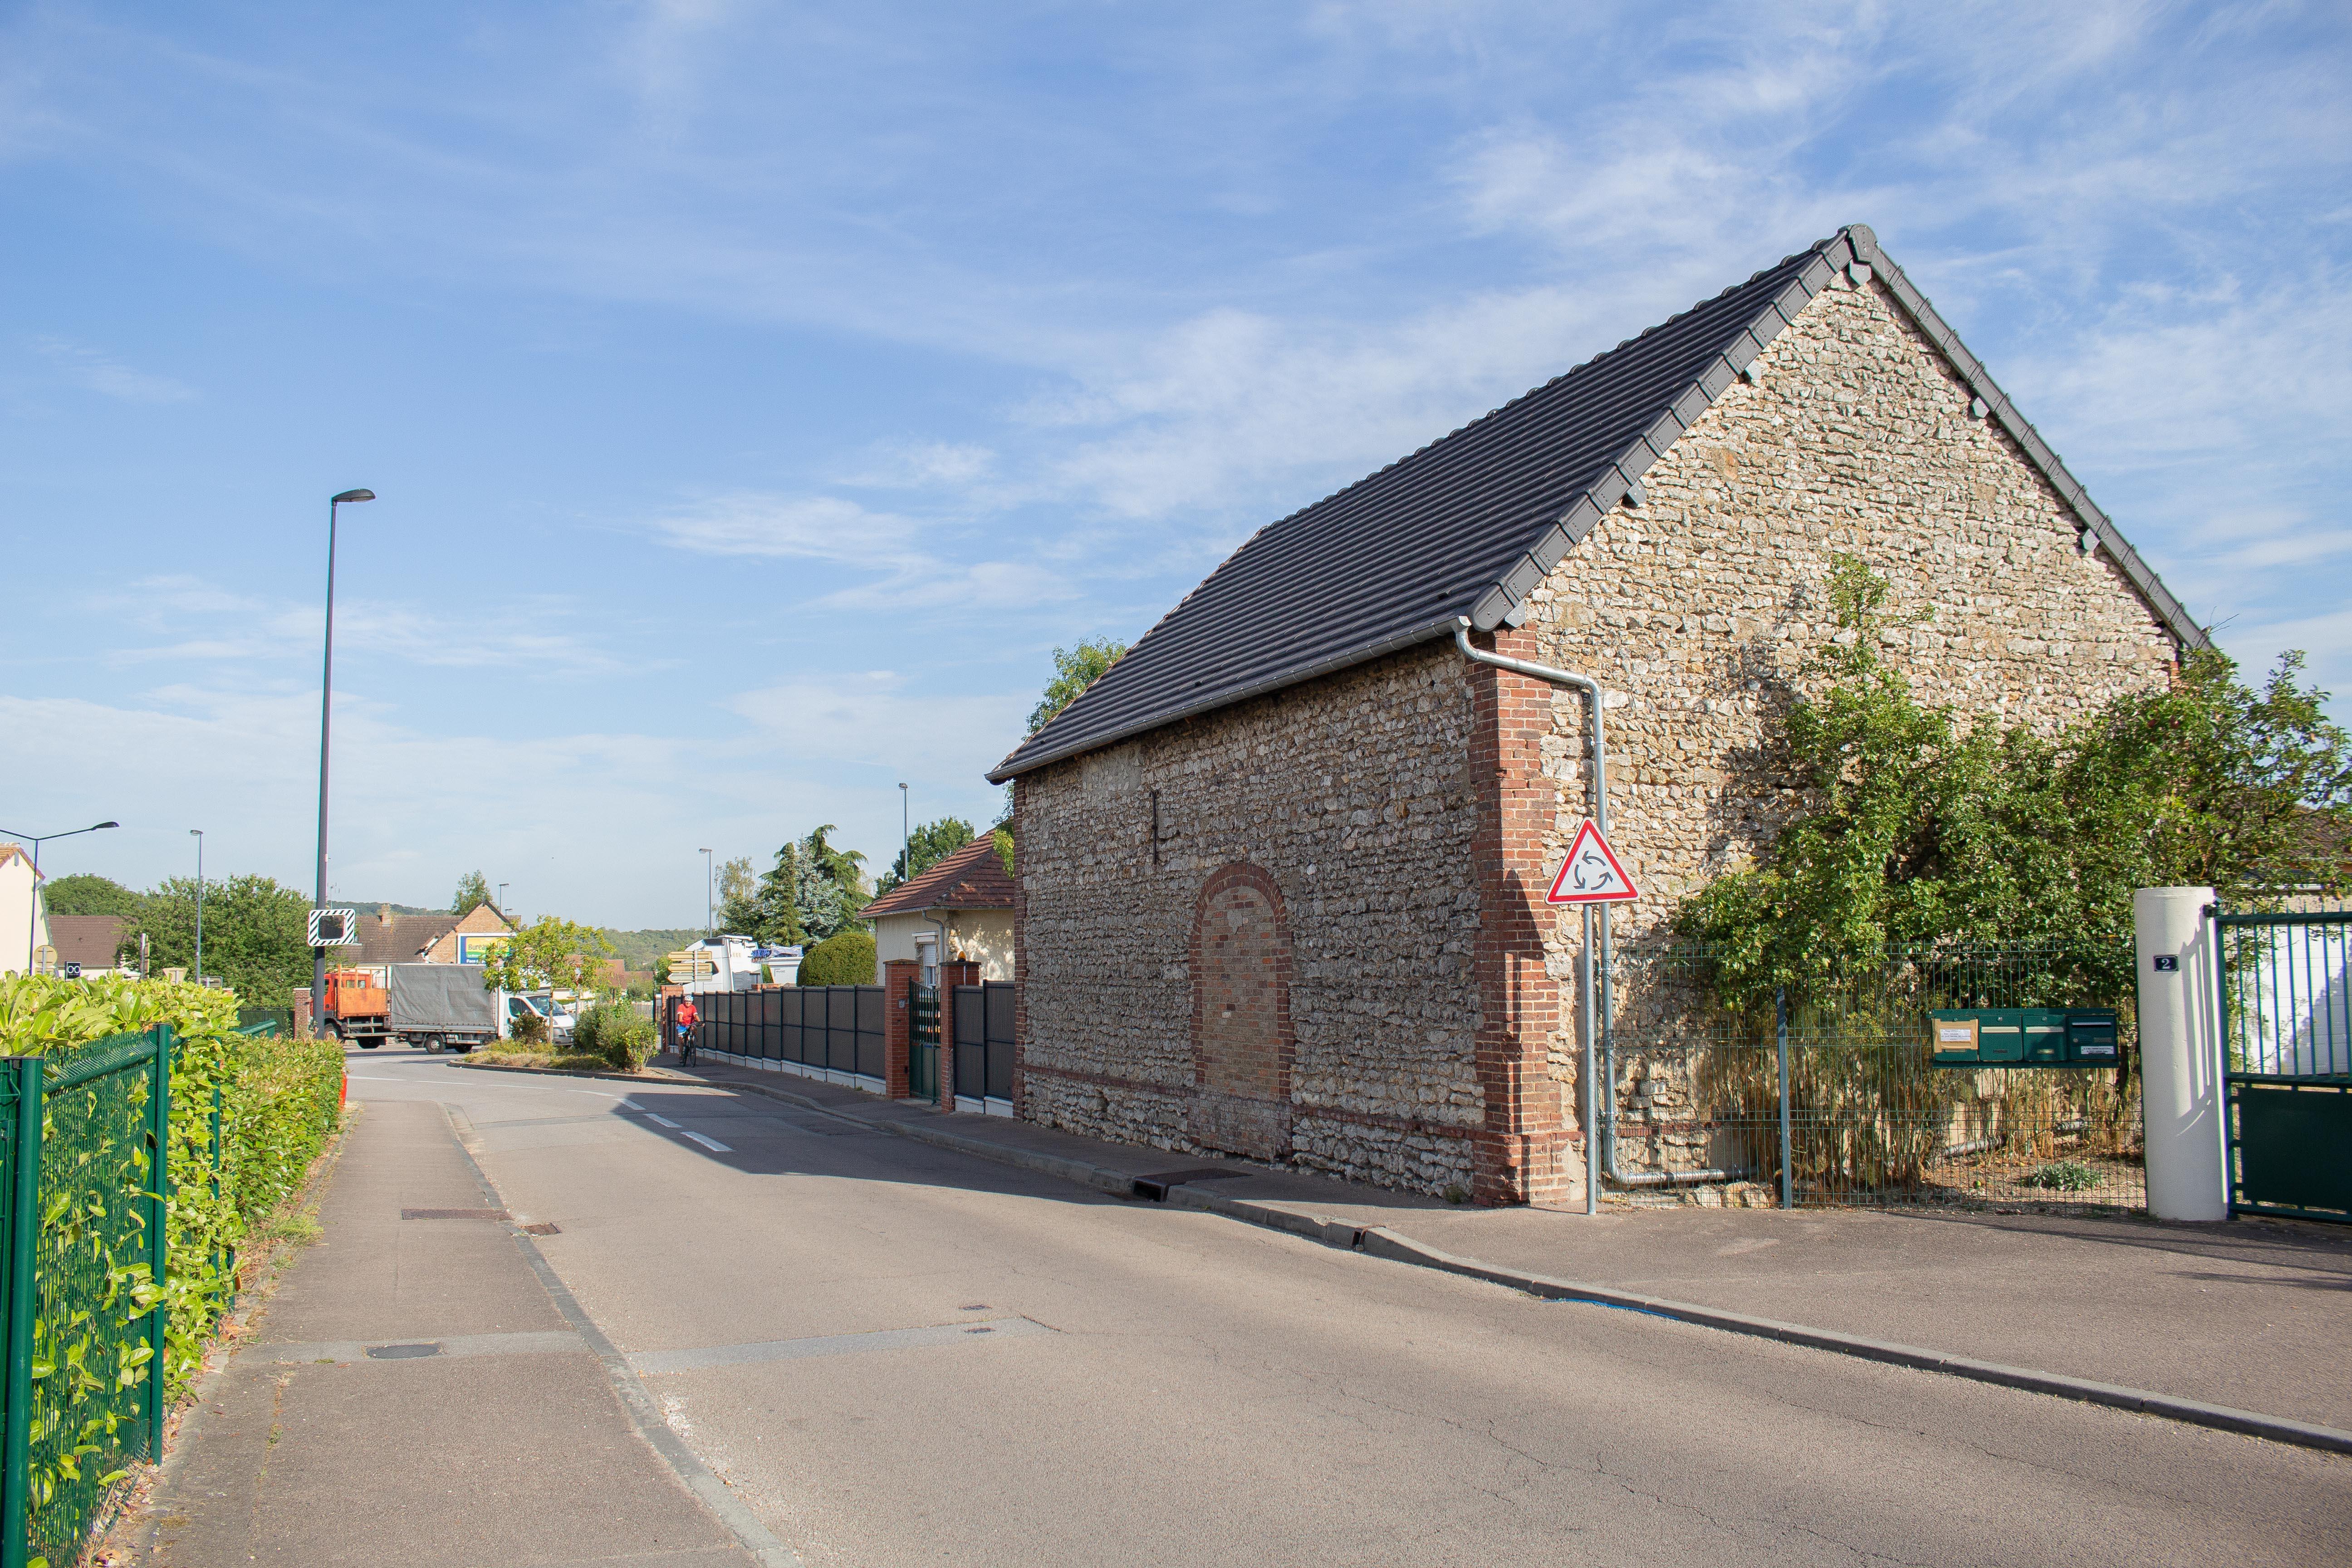 rue de l_abbaye du beau bec.jpg